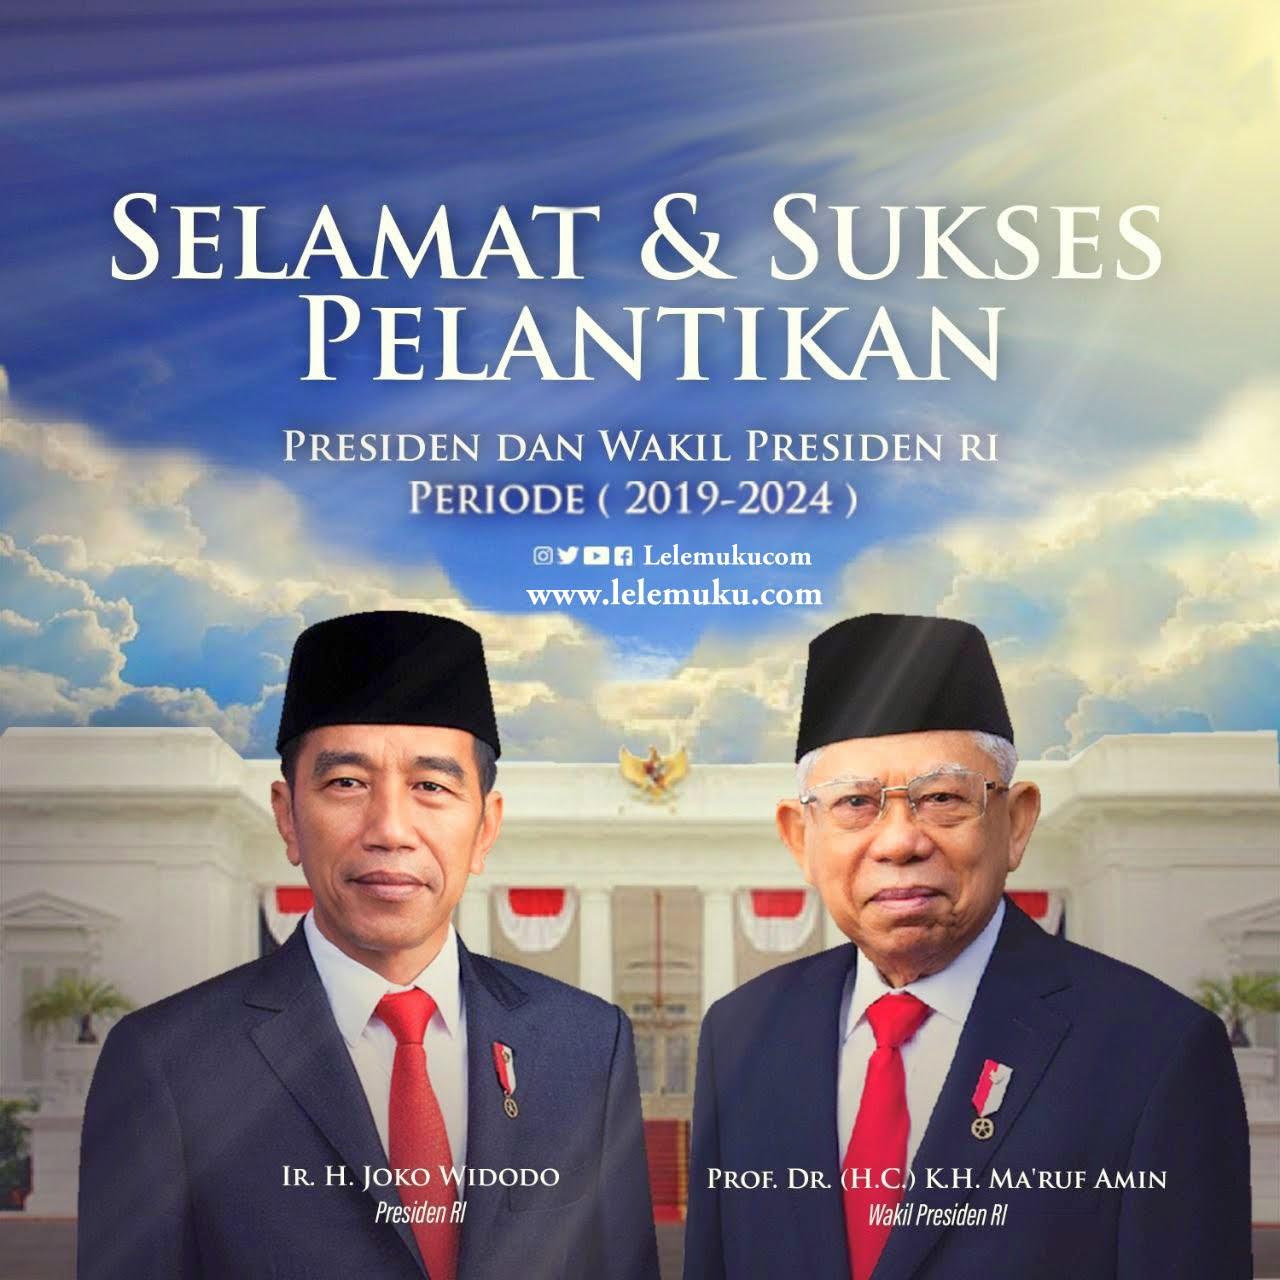 Selamat dan Sukses Atas Pelantikan Presiden Jokowi dan Wapres Amin